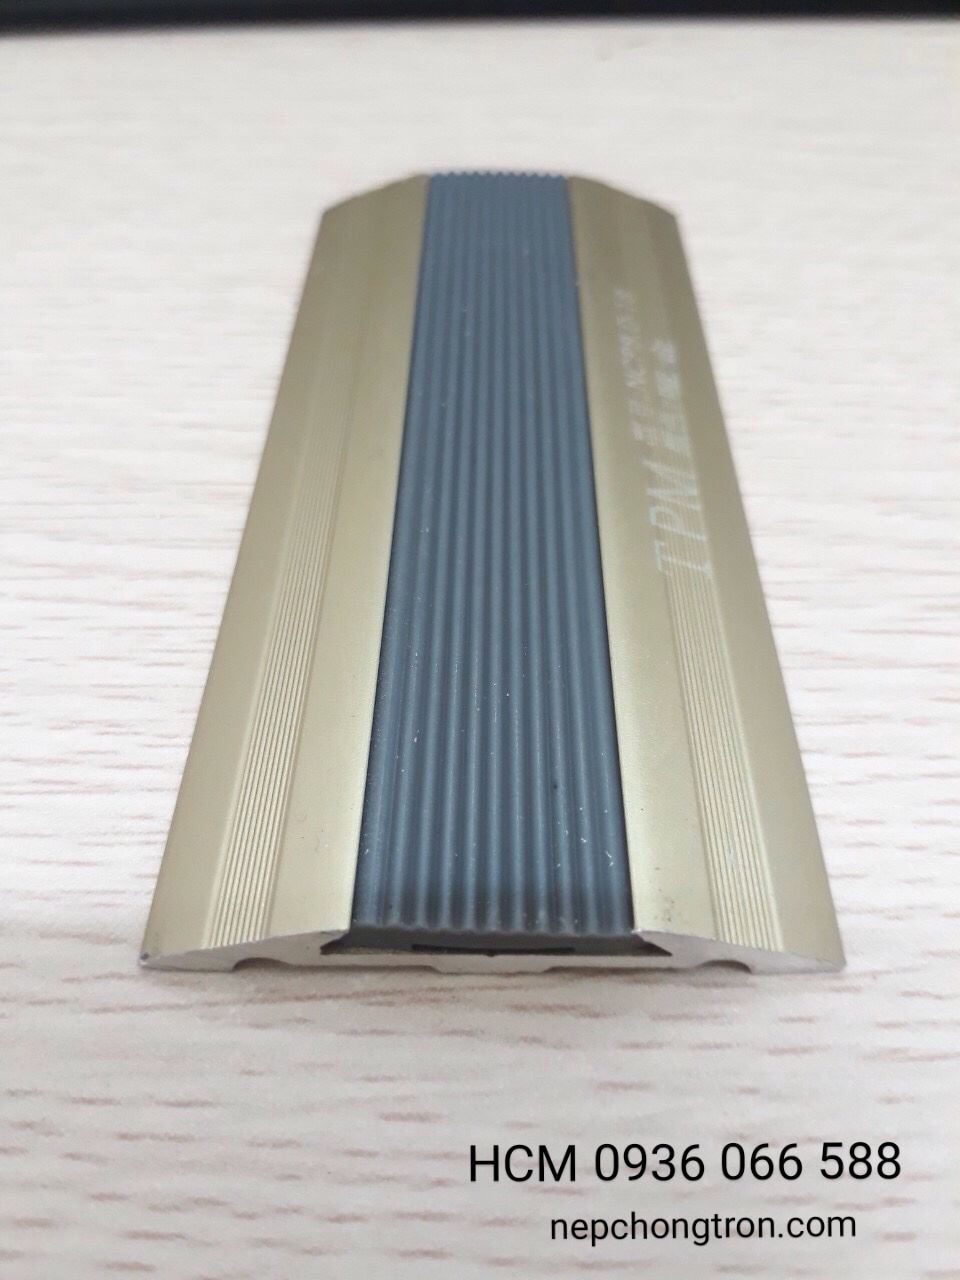 Nẹp sàn gỗ NCP8.0, nẹp nối sàn